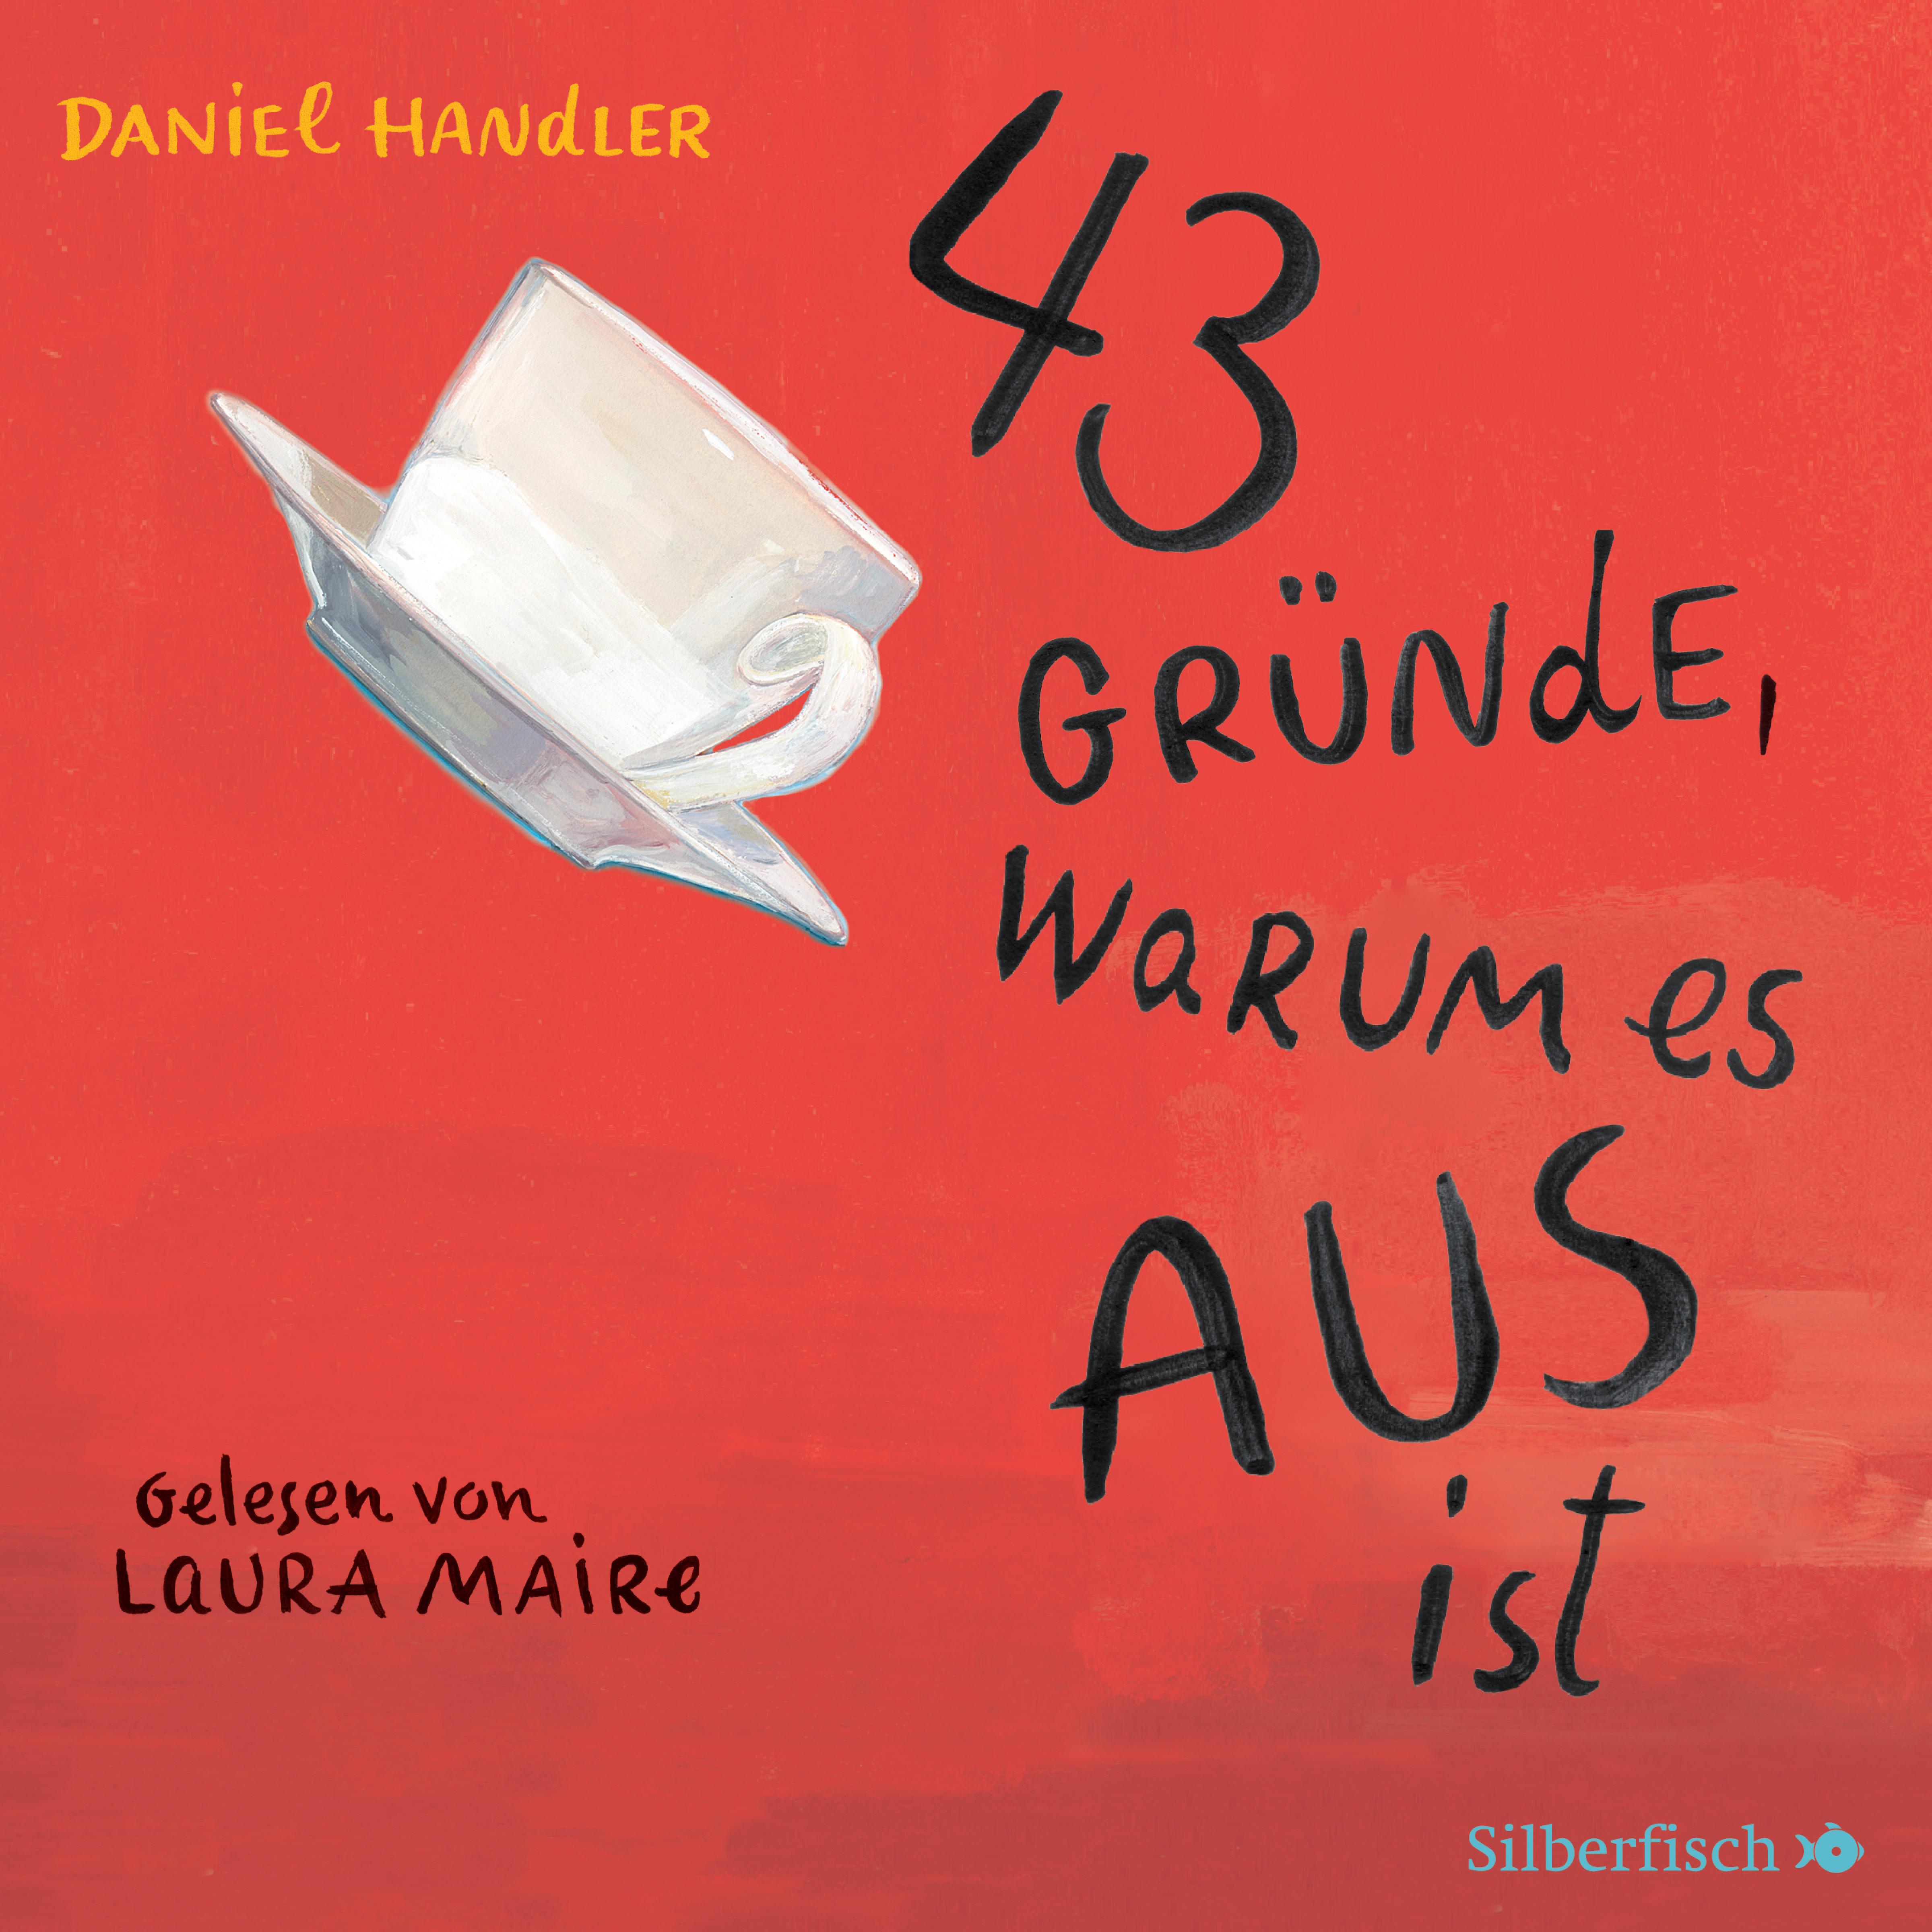 Cover für das 43 Gründe, warum es AUS ist Hörbuch